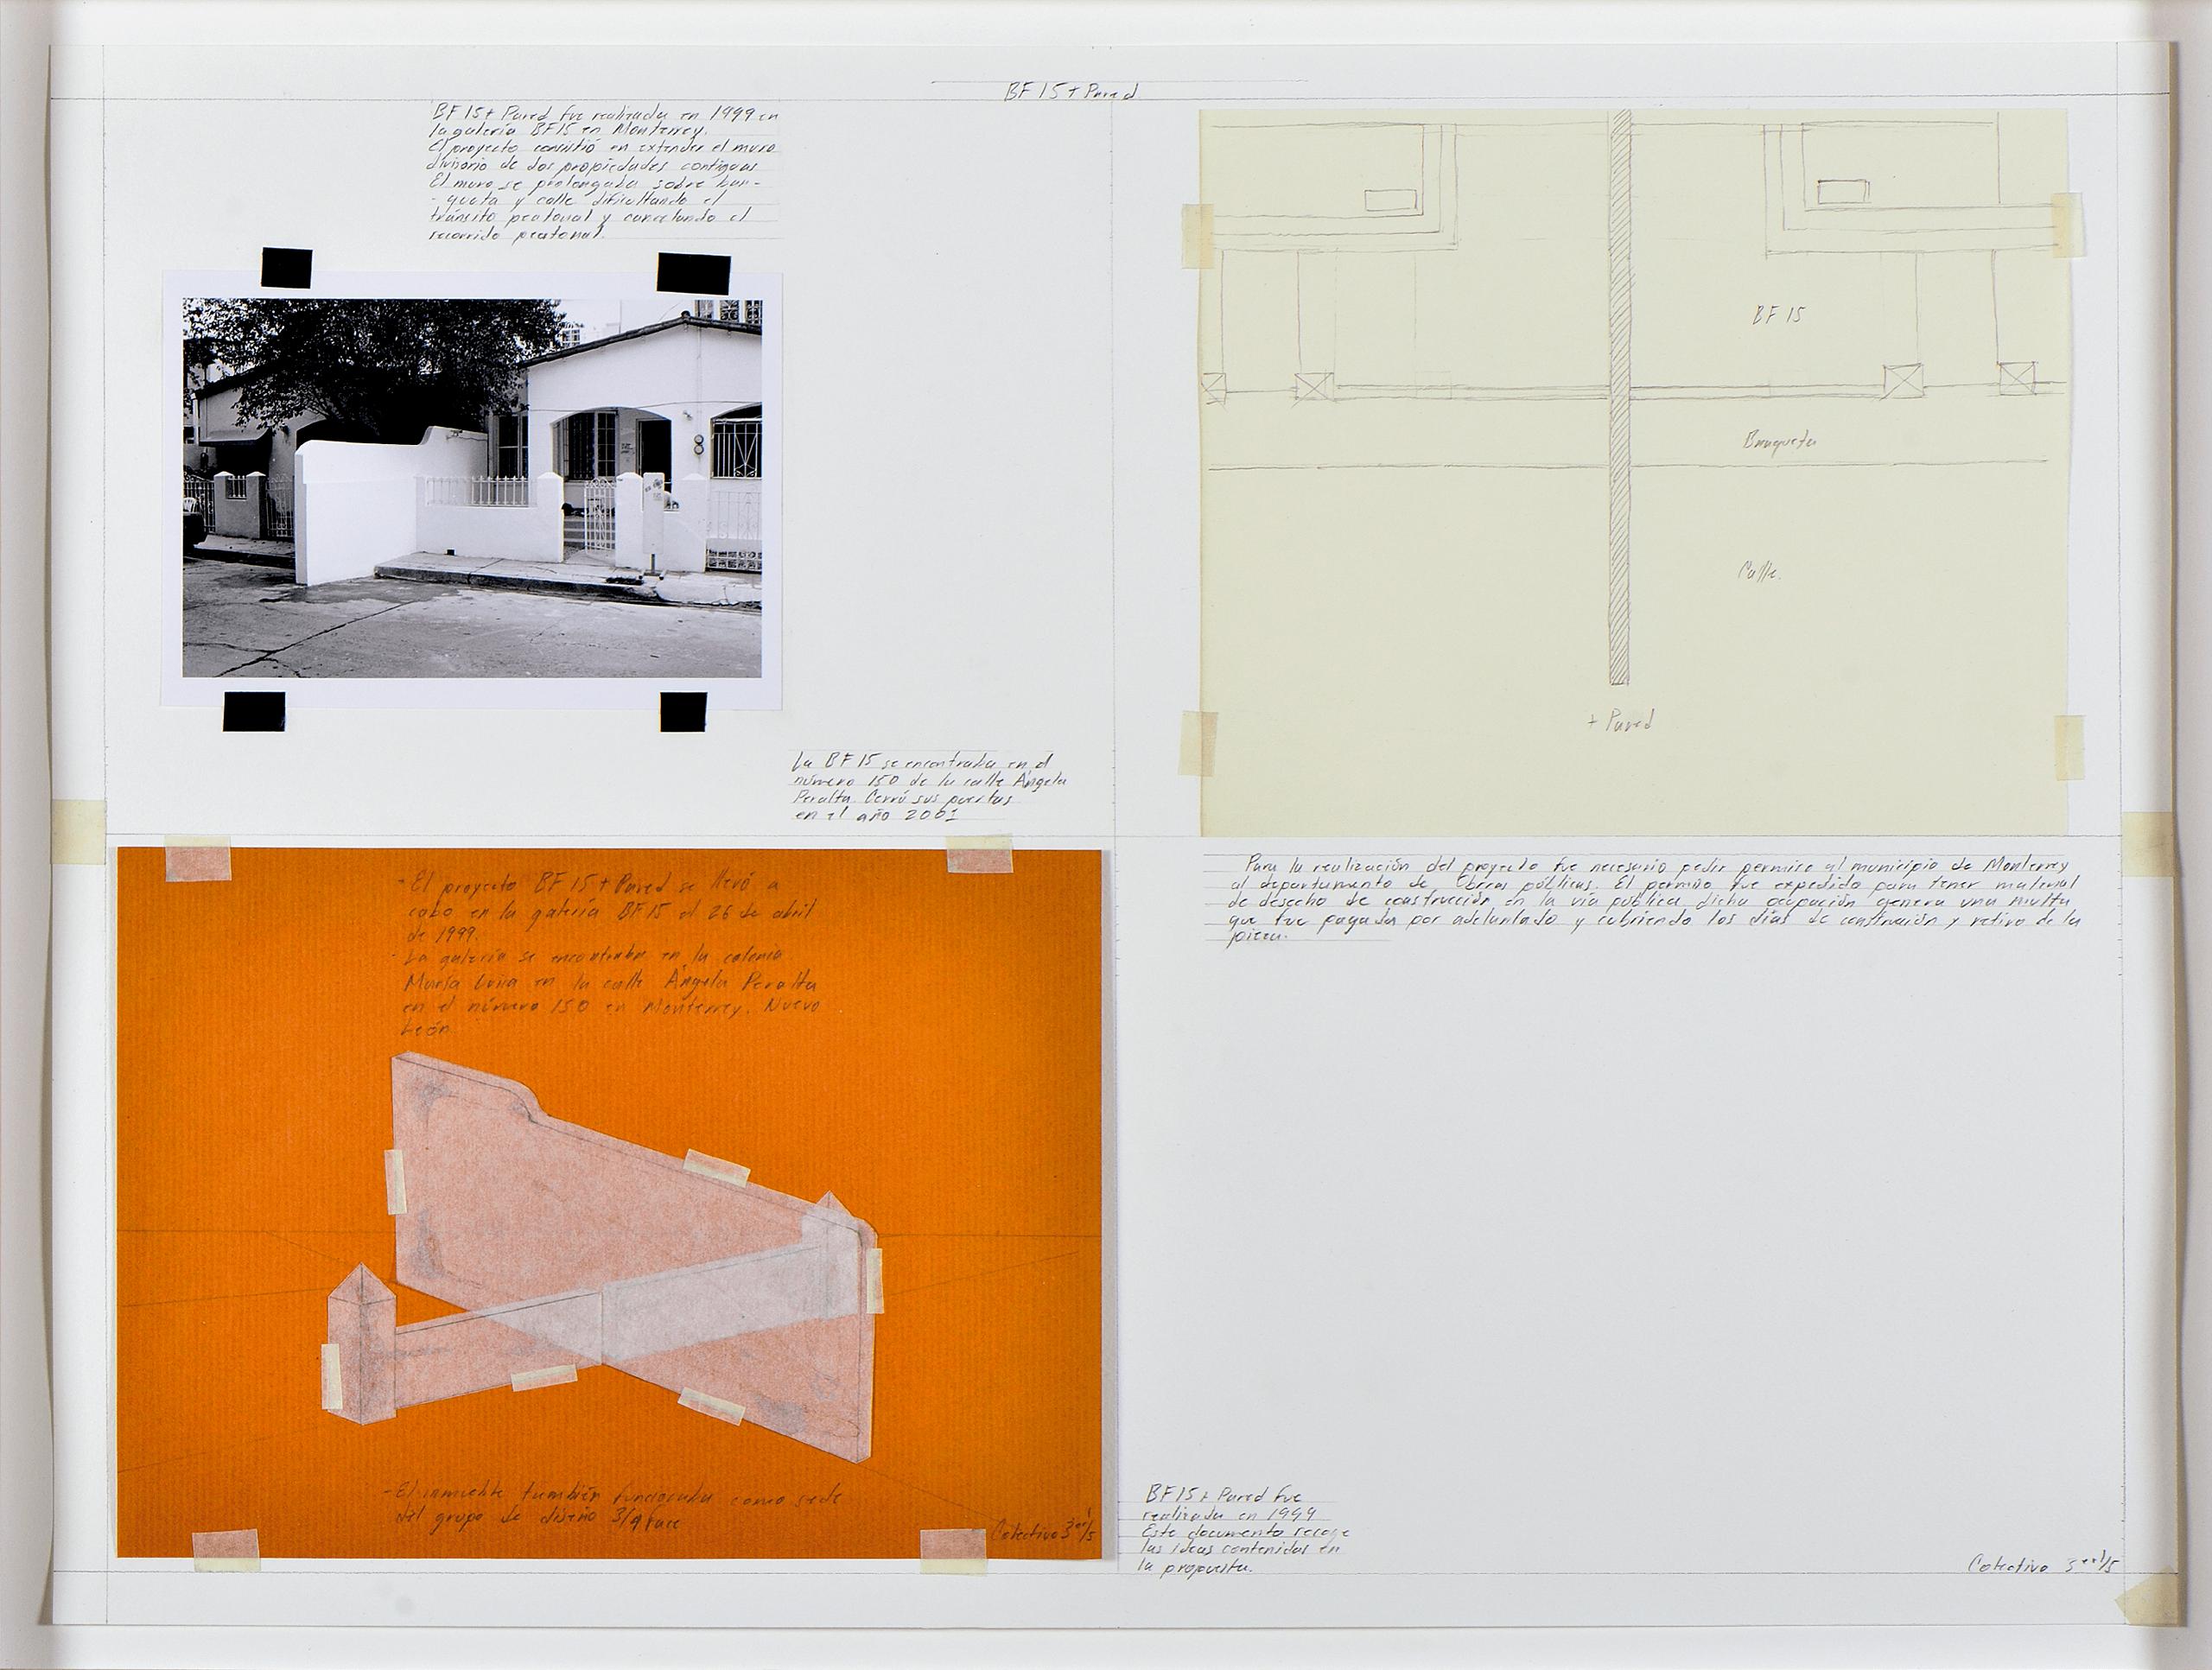 La BF15 + Pared | Tercerunquinto. Obra inconclusa | Museo Amparo, Puebla